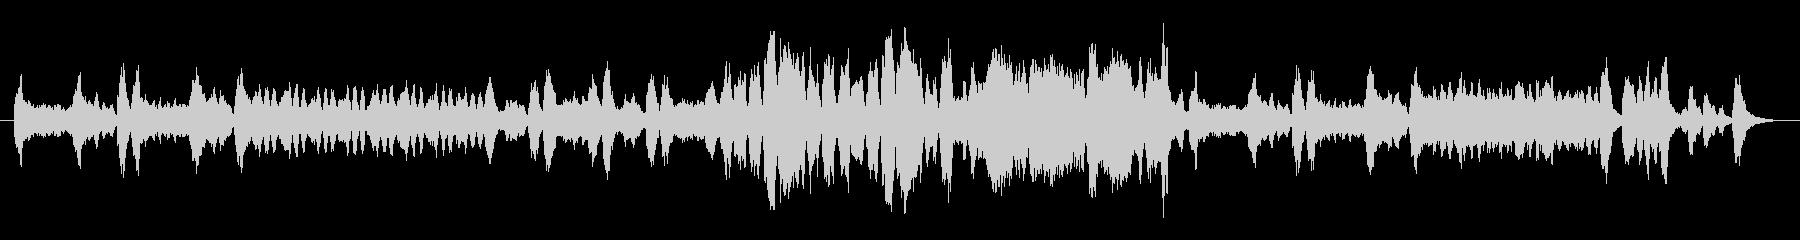 チェンバロが印象的でクラシカルな曲の未再生の波形